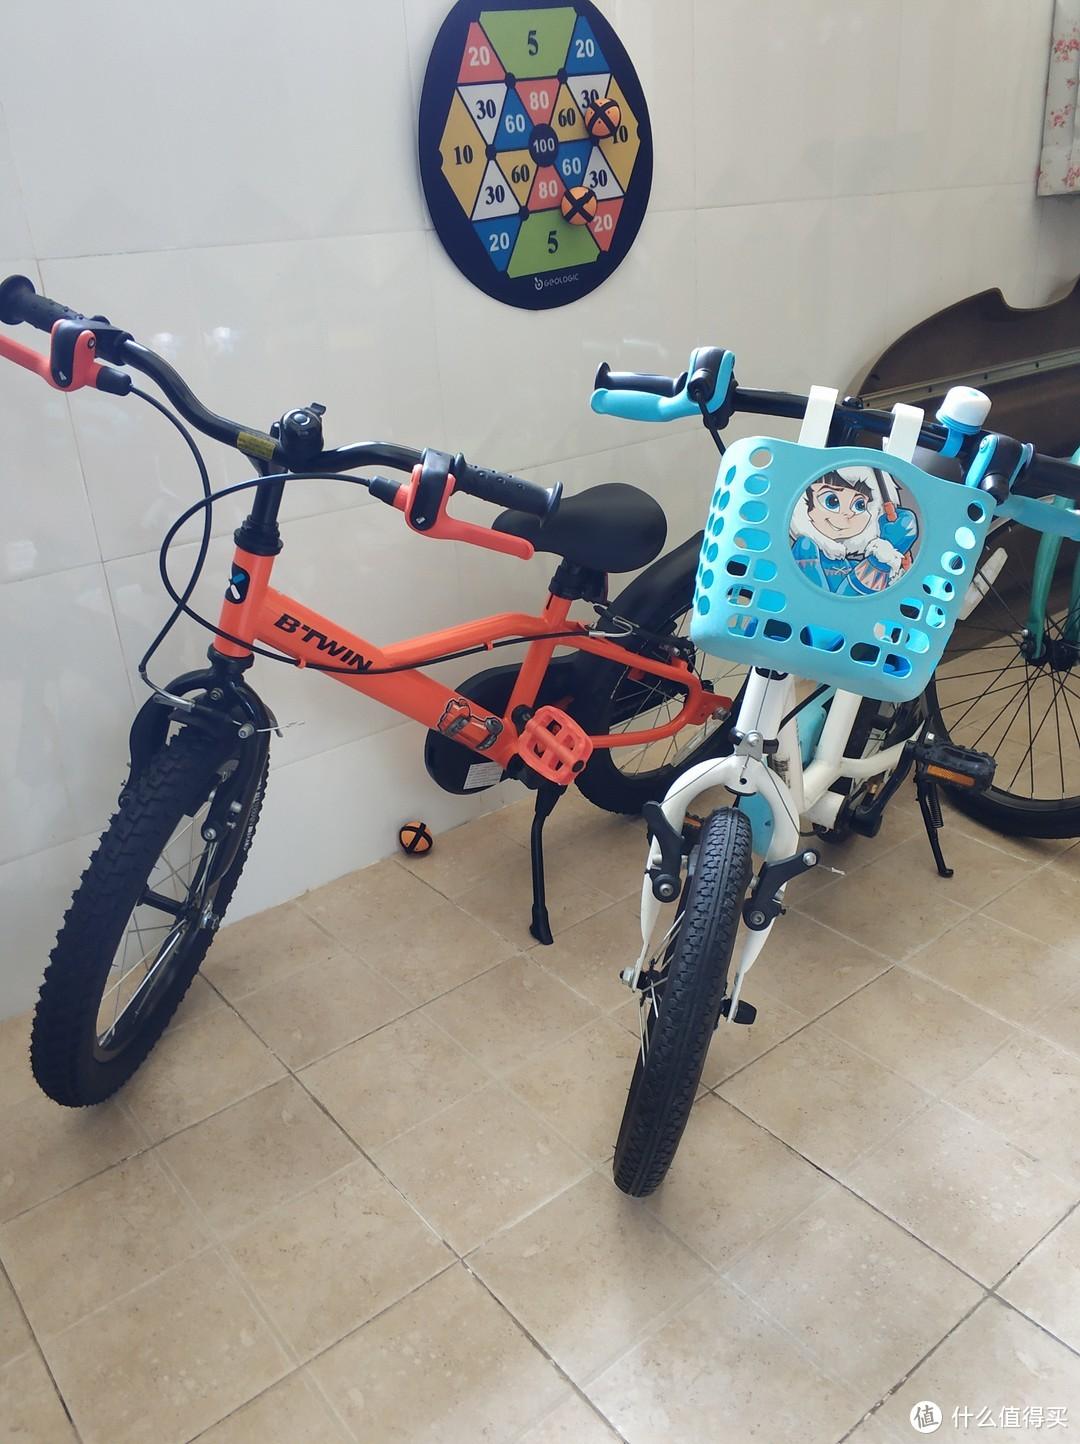 迪卡侬16寸儿童自行车-进阶款